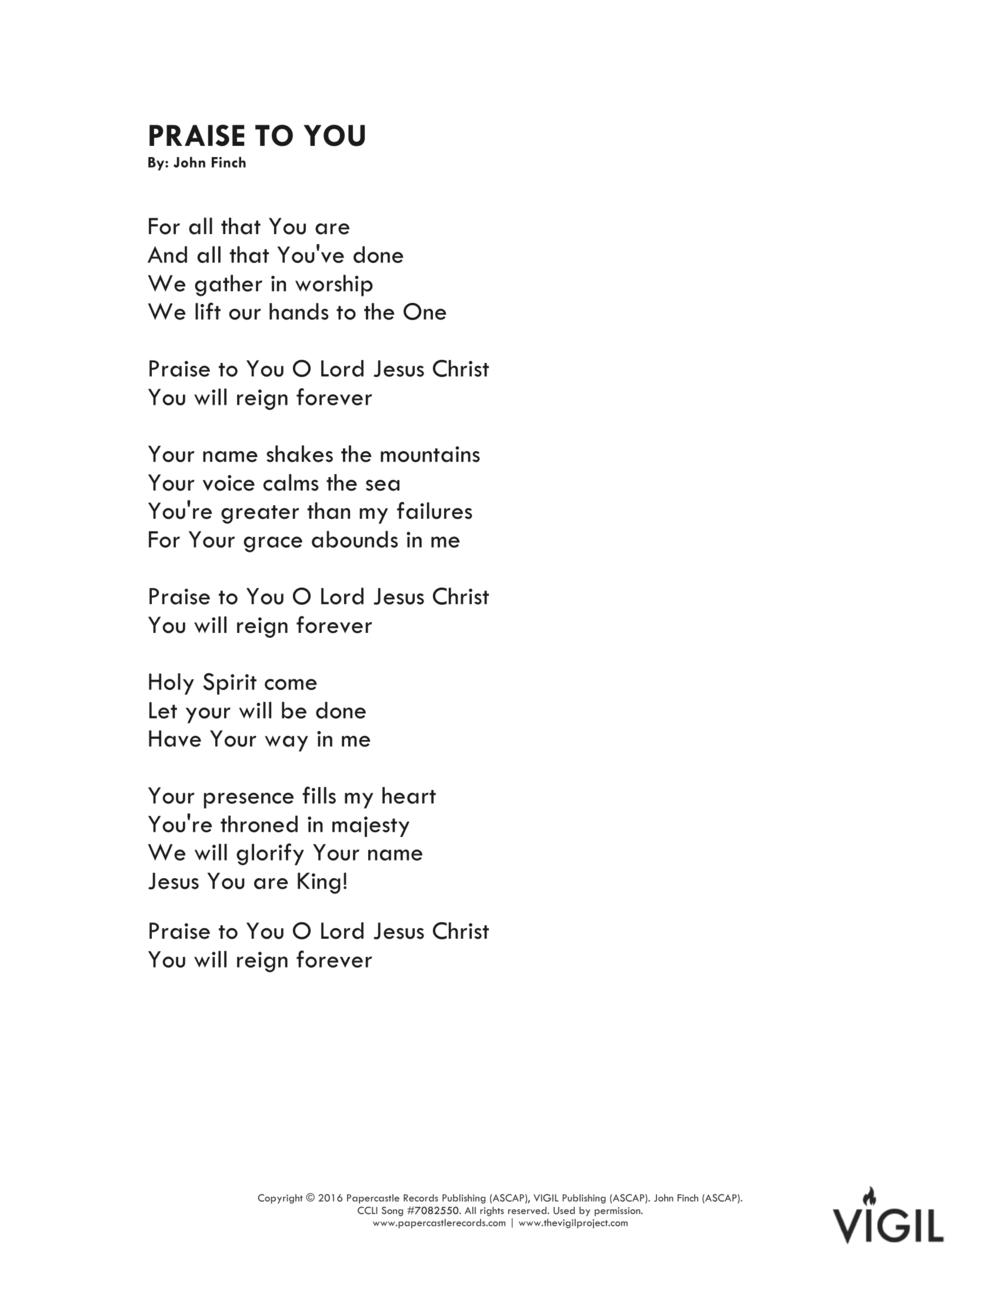 VIGIL S1 - Praise To You (Lyrics)-1.png